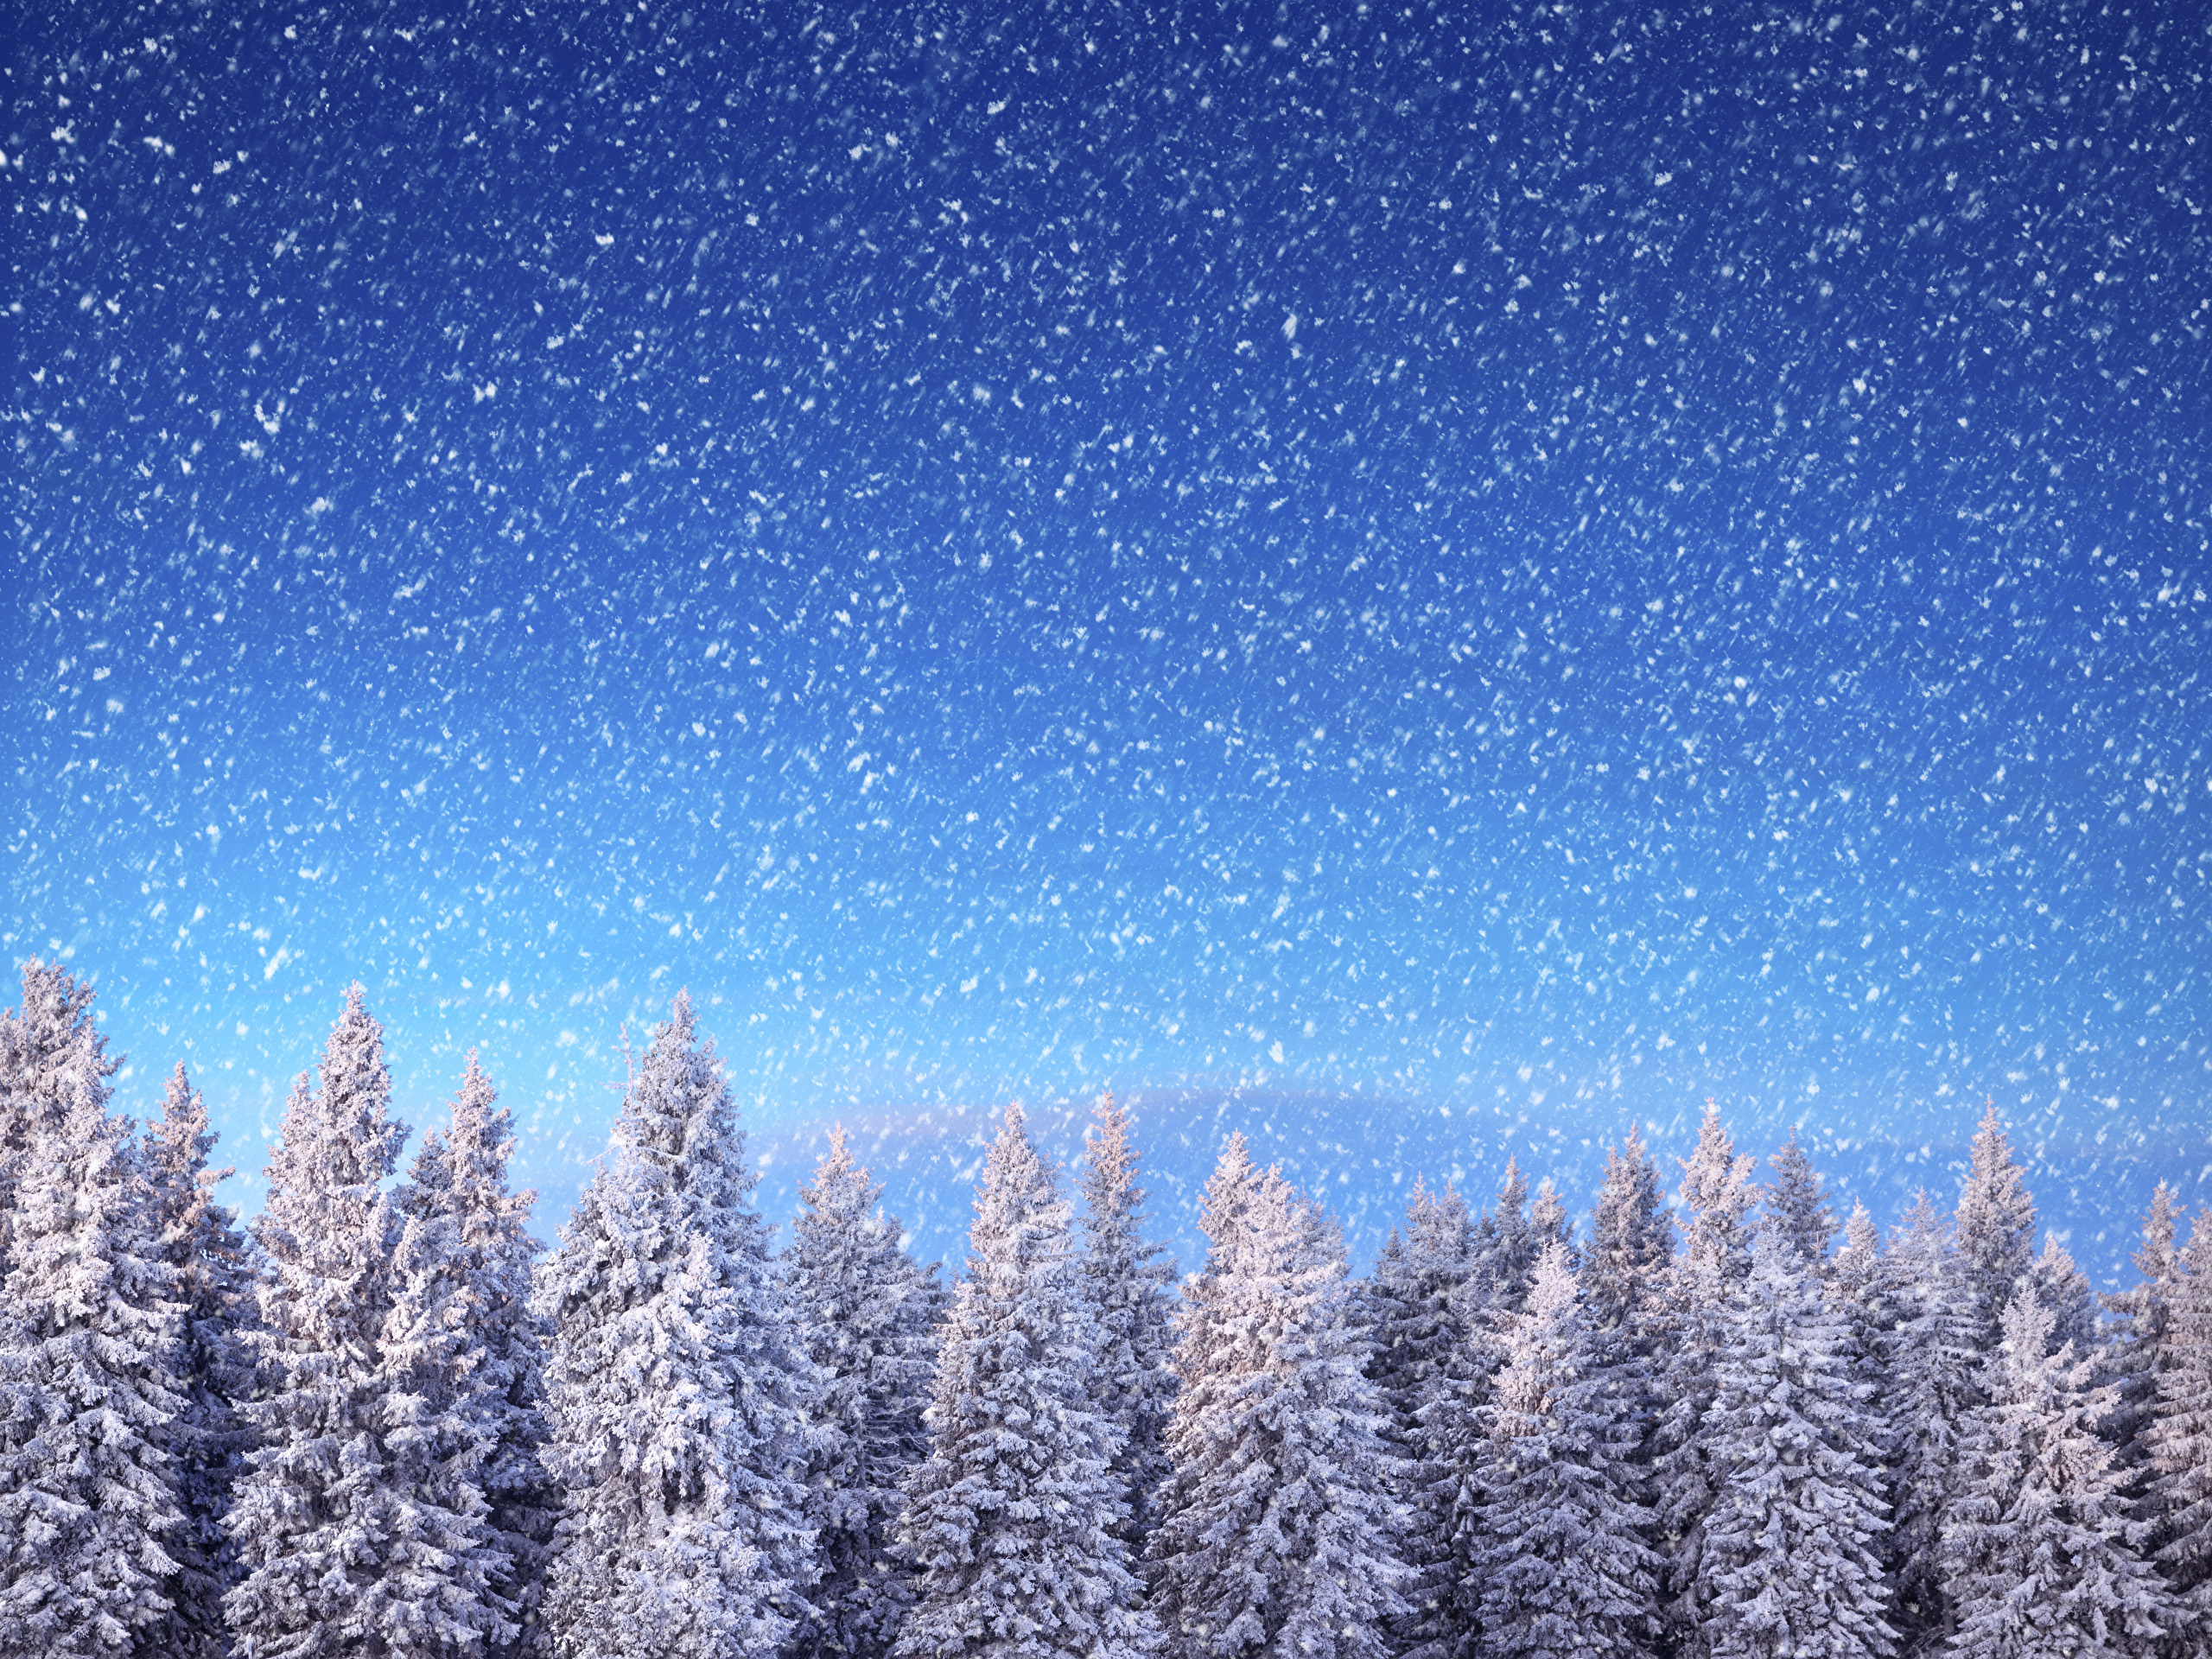 природа снег ели лес зима скачать